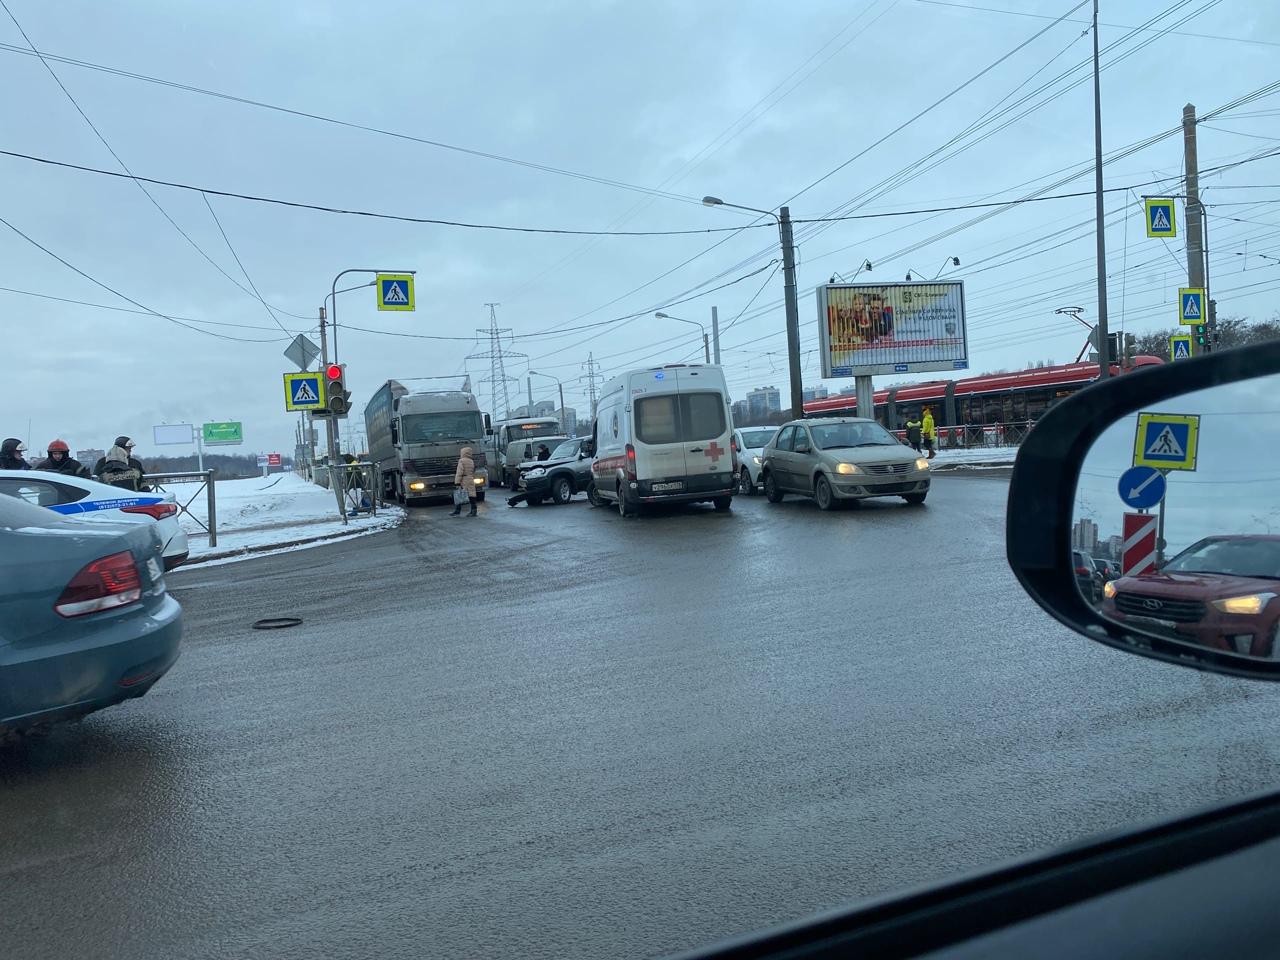 На пересечении Германа и Петергофского шоссе дорогу не поделили Киа, Нива и грузовоз, пробки в обе с...